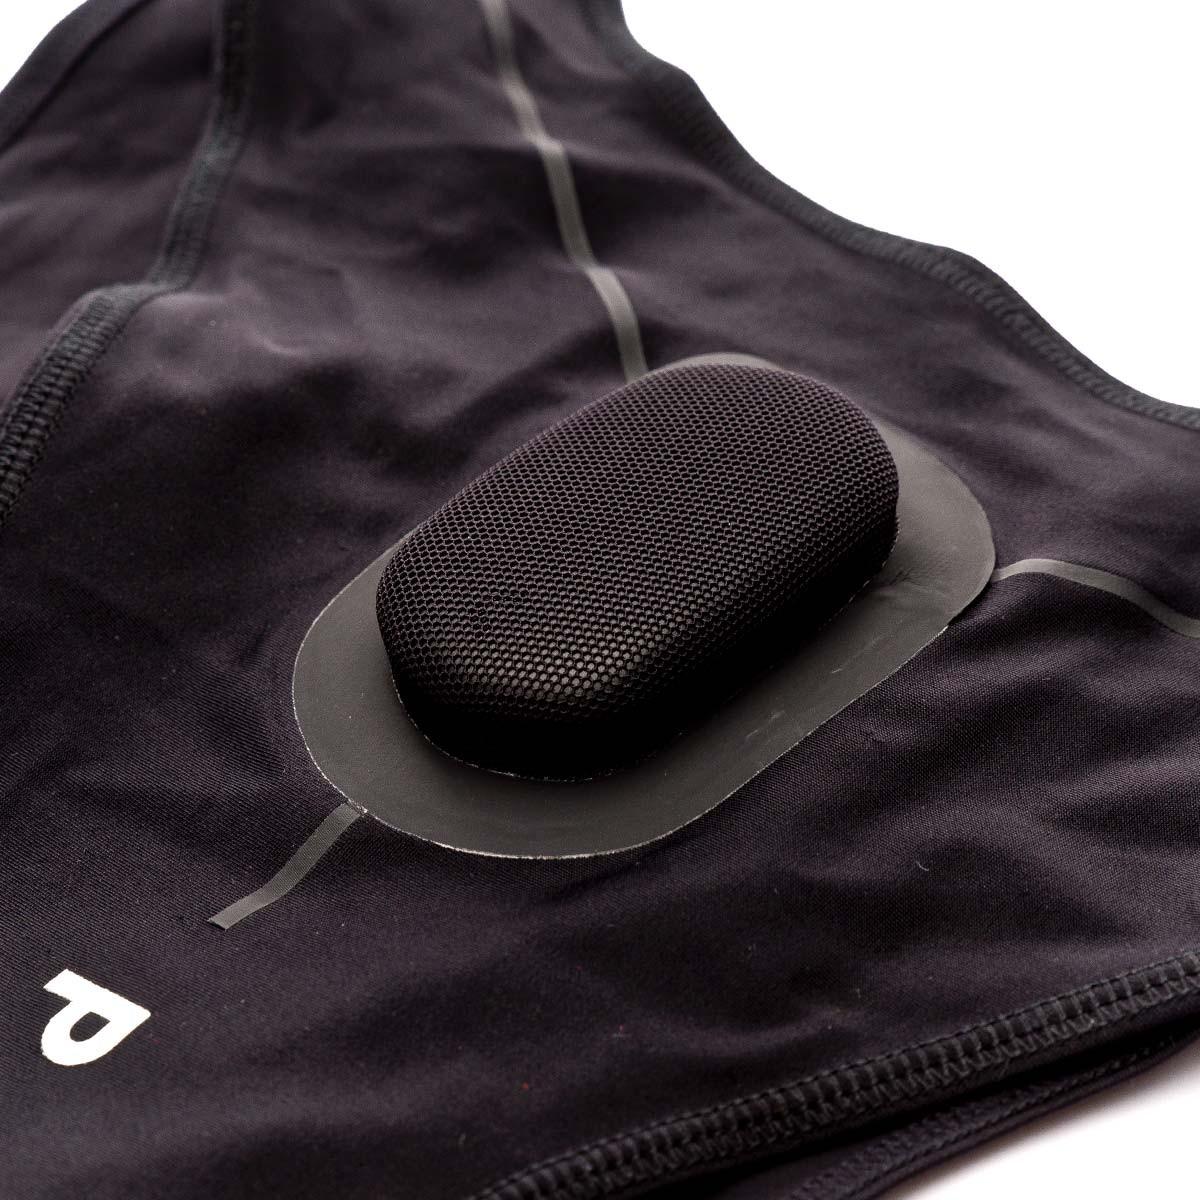 56fa7f4ffdd43 Playr PLAYR GPS + vest Black - Football store Fútbol Emotion